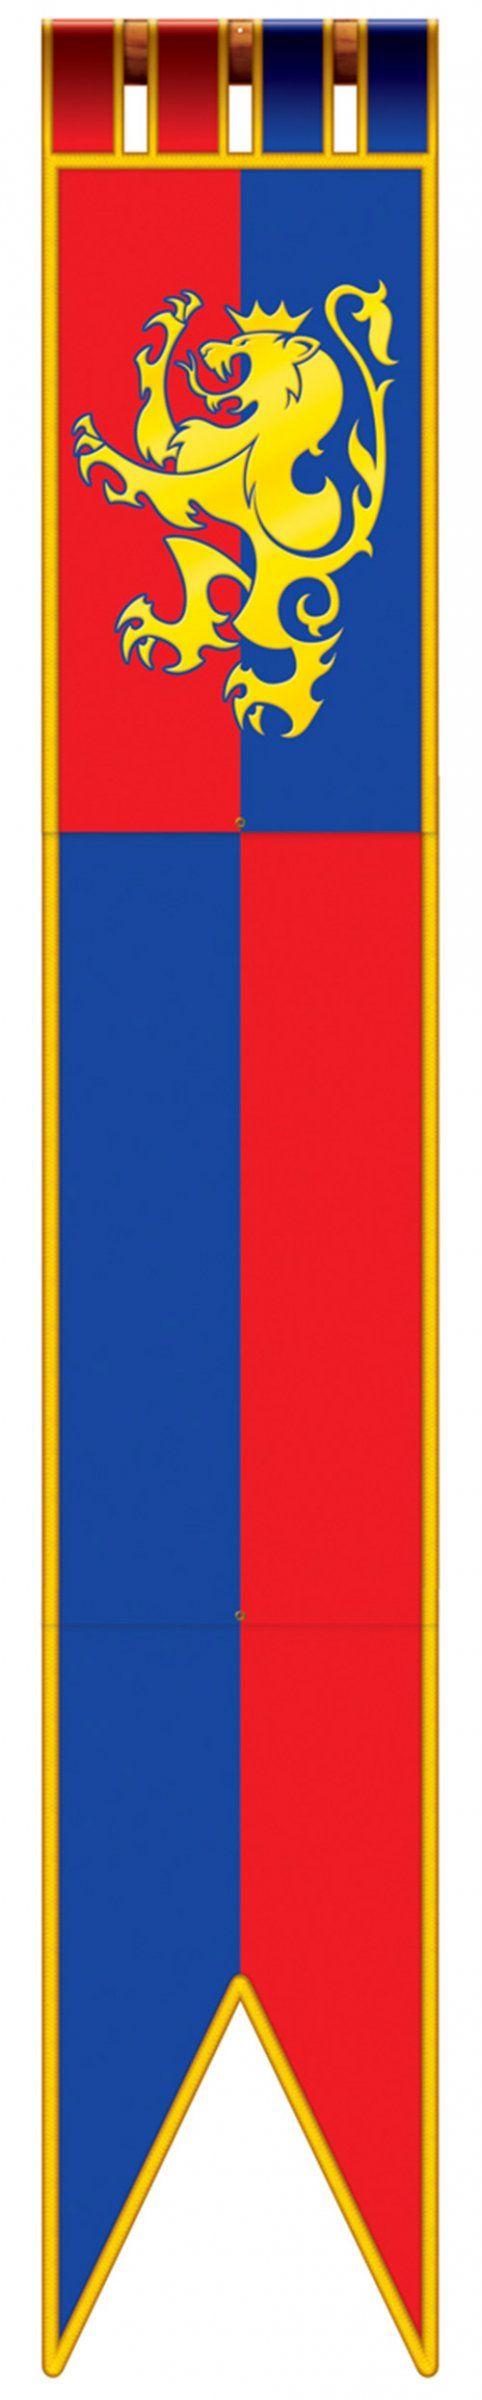 Décoration à suspendre bannière médiévale 180 cm : Décoration à suspendre de 1,8 m de longueur représentant un drapeau médiéval rouge et bleu avec un lion doré.Cette décoration est en carton.Cet...